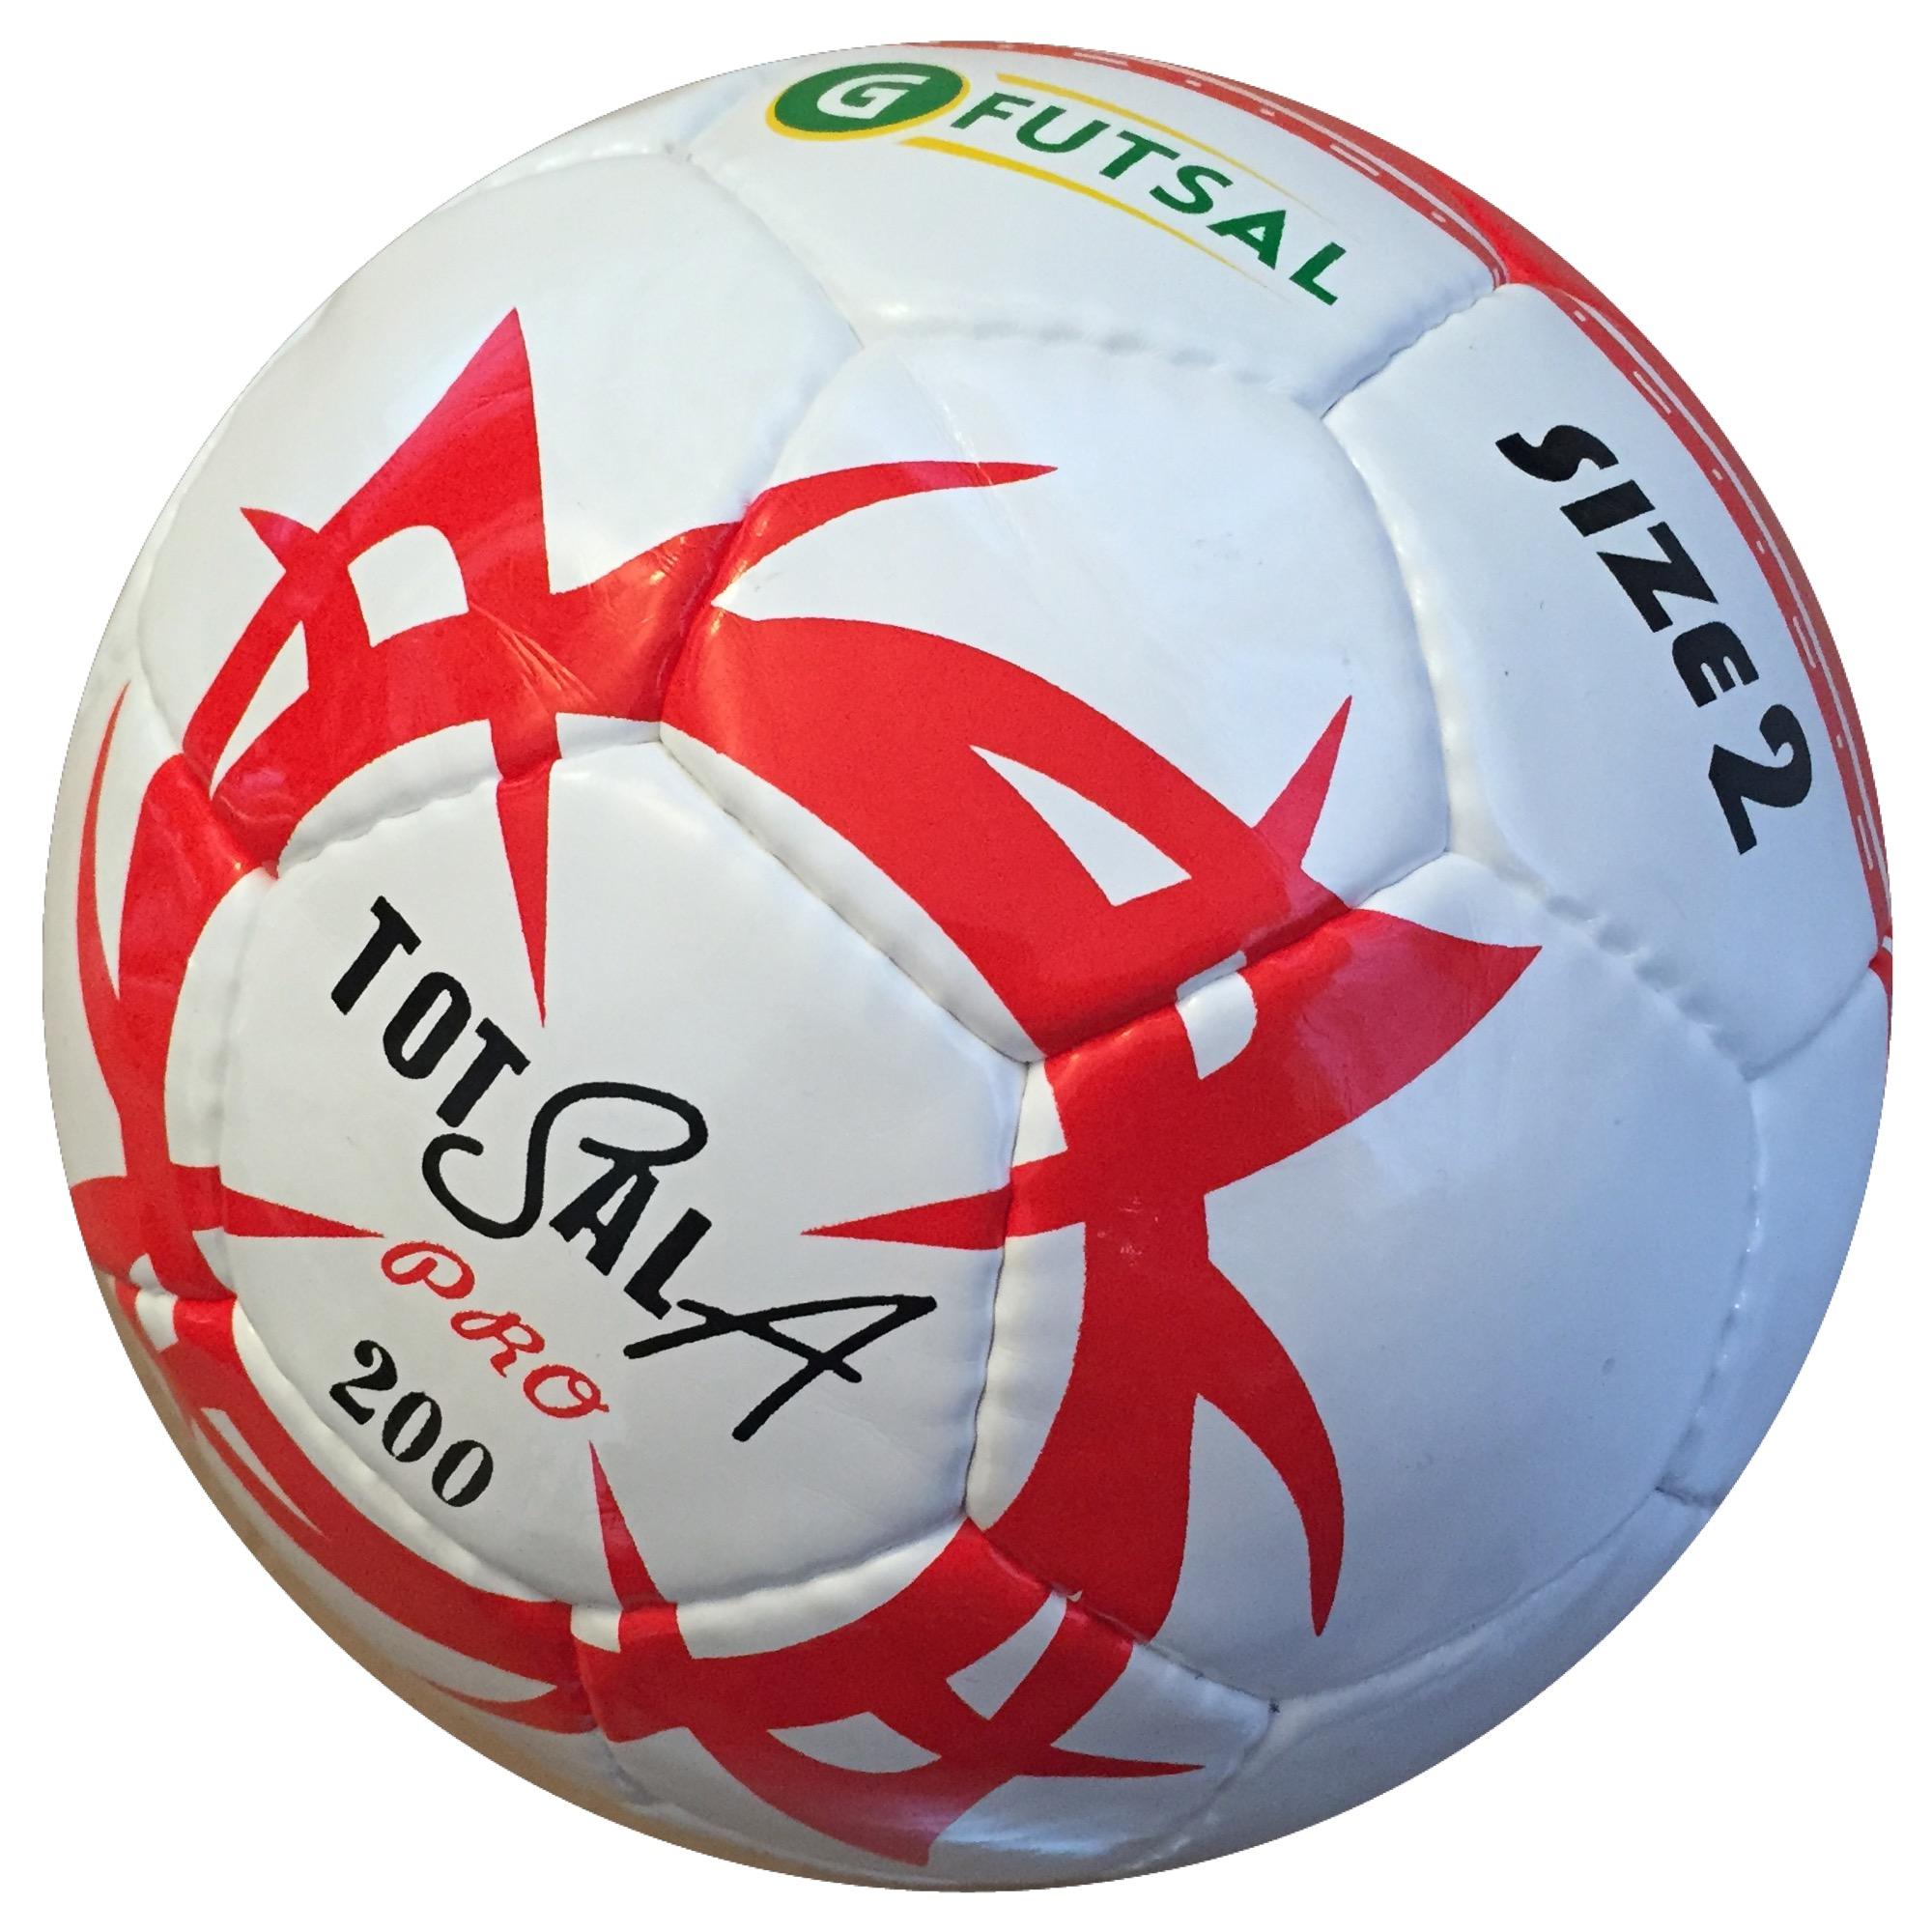 GFutsal TotalSala 200 Pro - Match Ball -Size 2